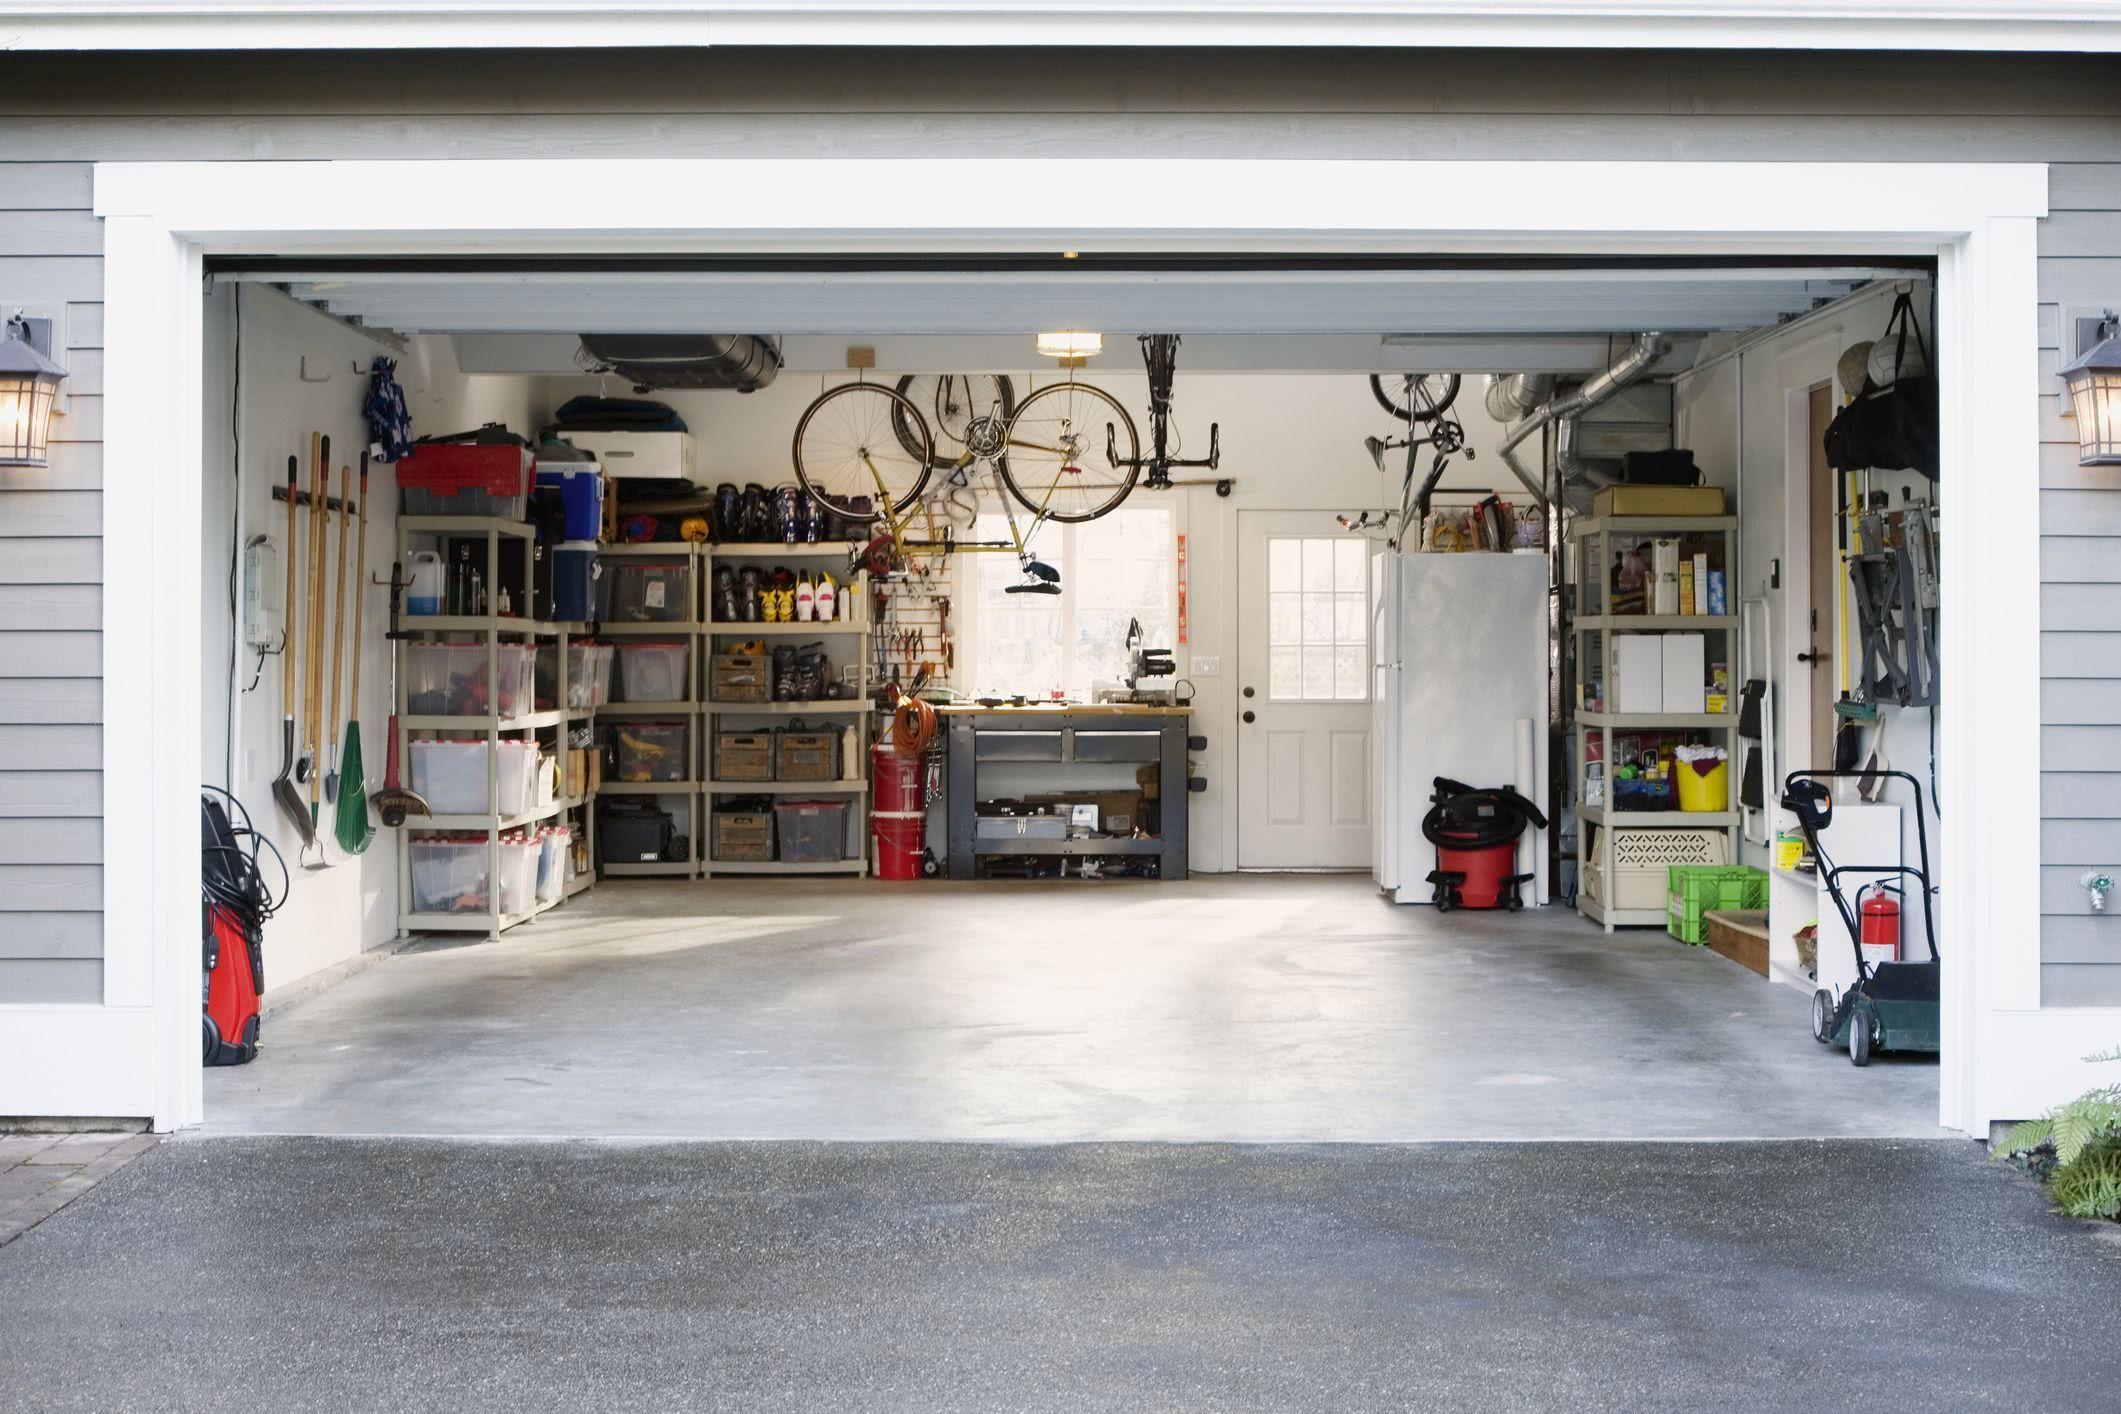 Combine o piso da garagem com o lado externo da residência